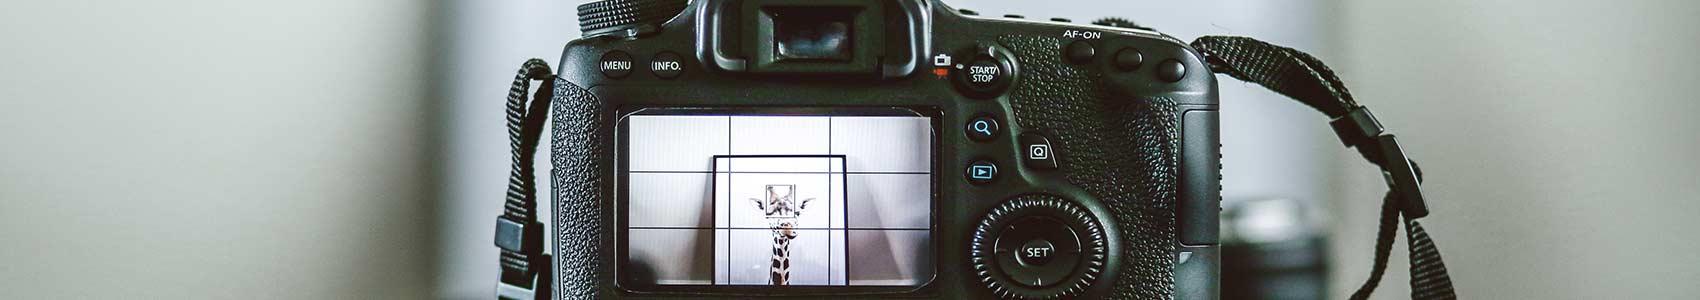 réglages appareil photo - top